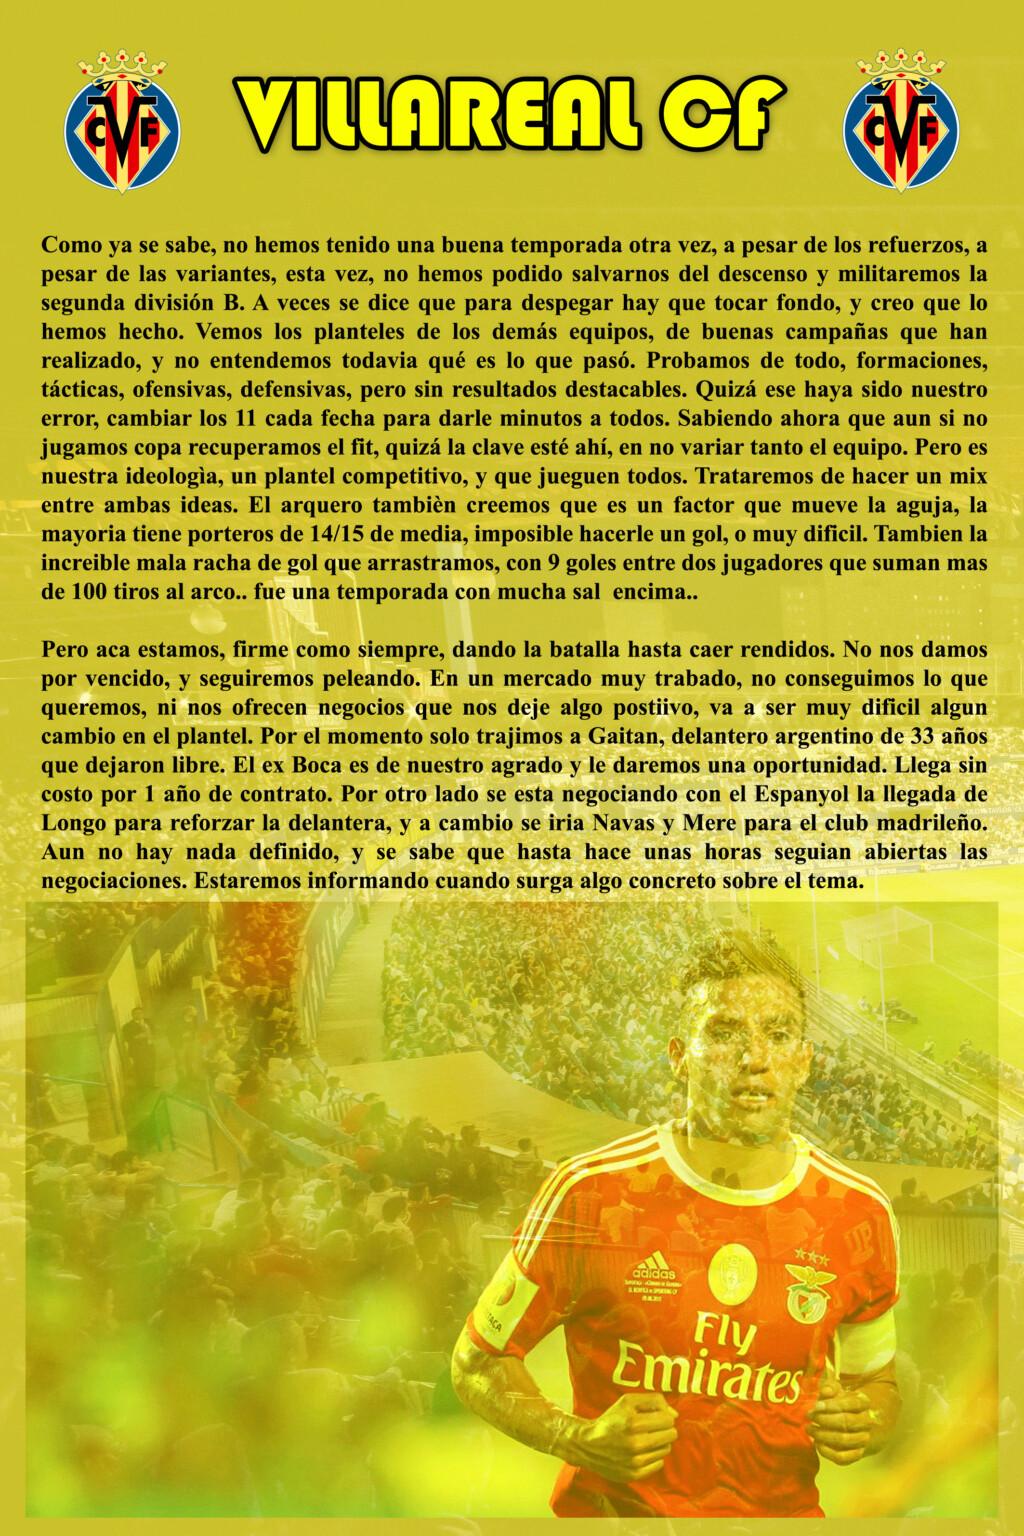 VILLAREAL CF Villar24